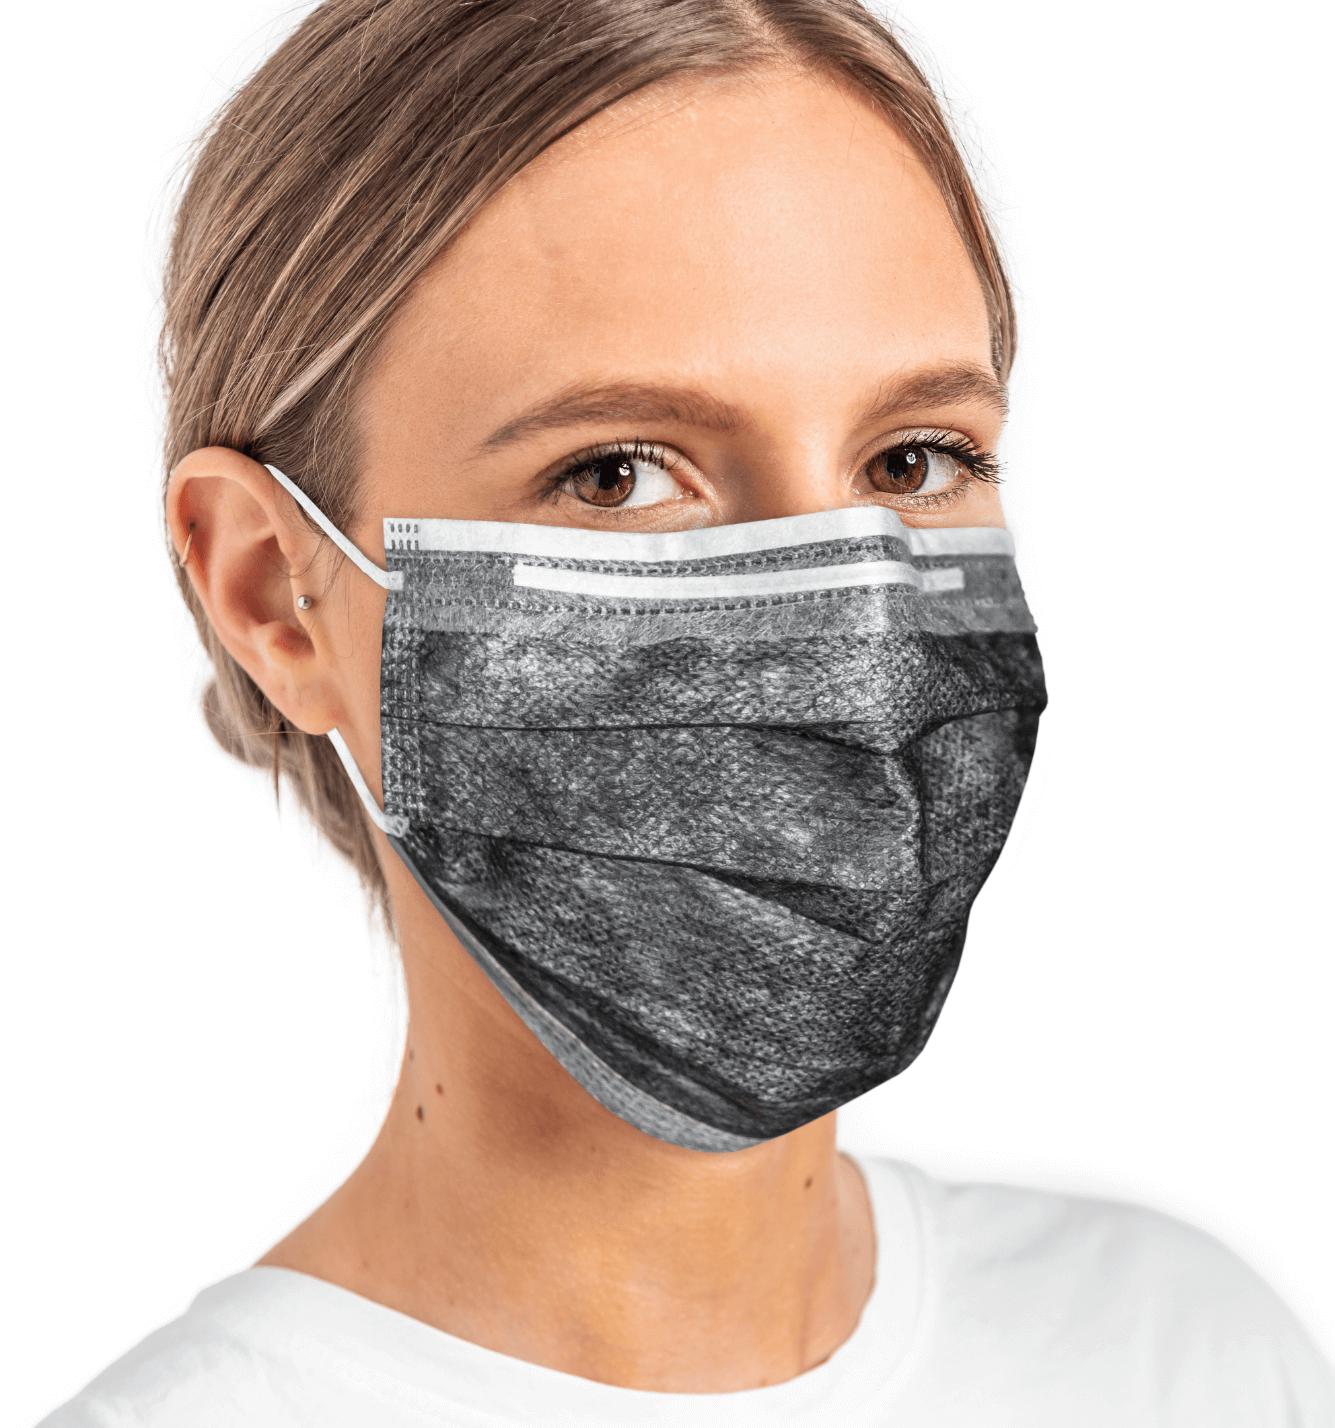 Tragebild-OP_Maske-schwarz-weiß-Gesichtsmaske-Frau-Brille-Winter-Group